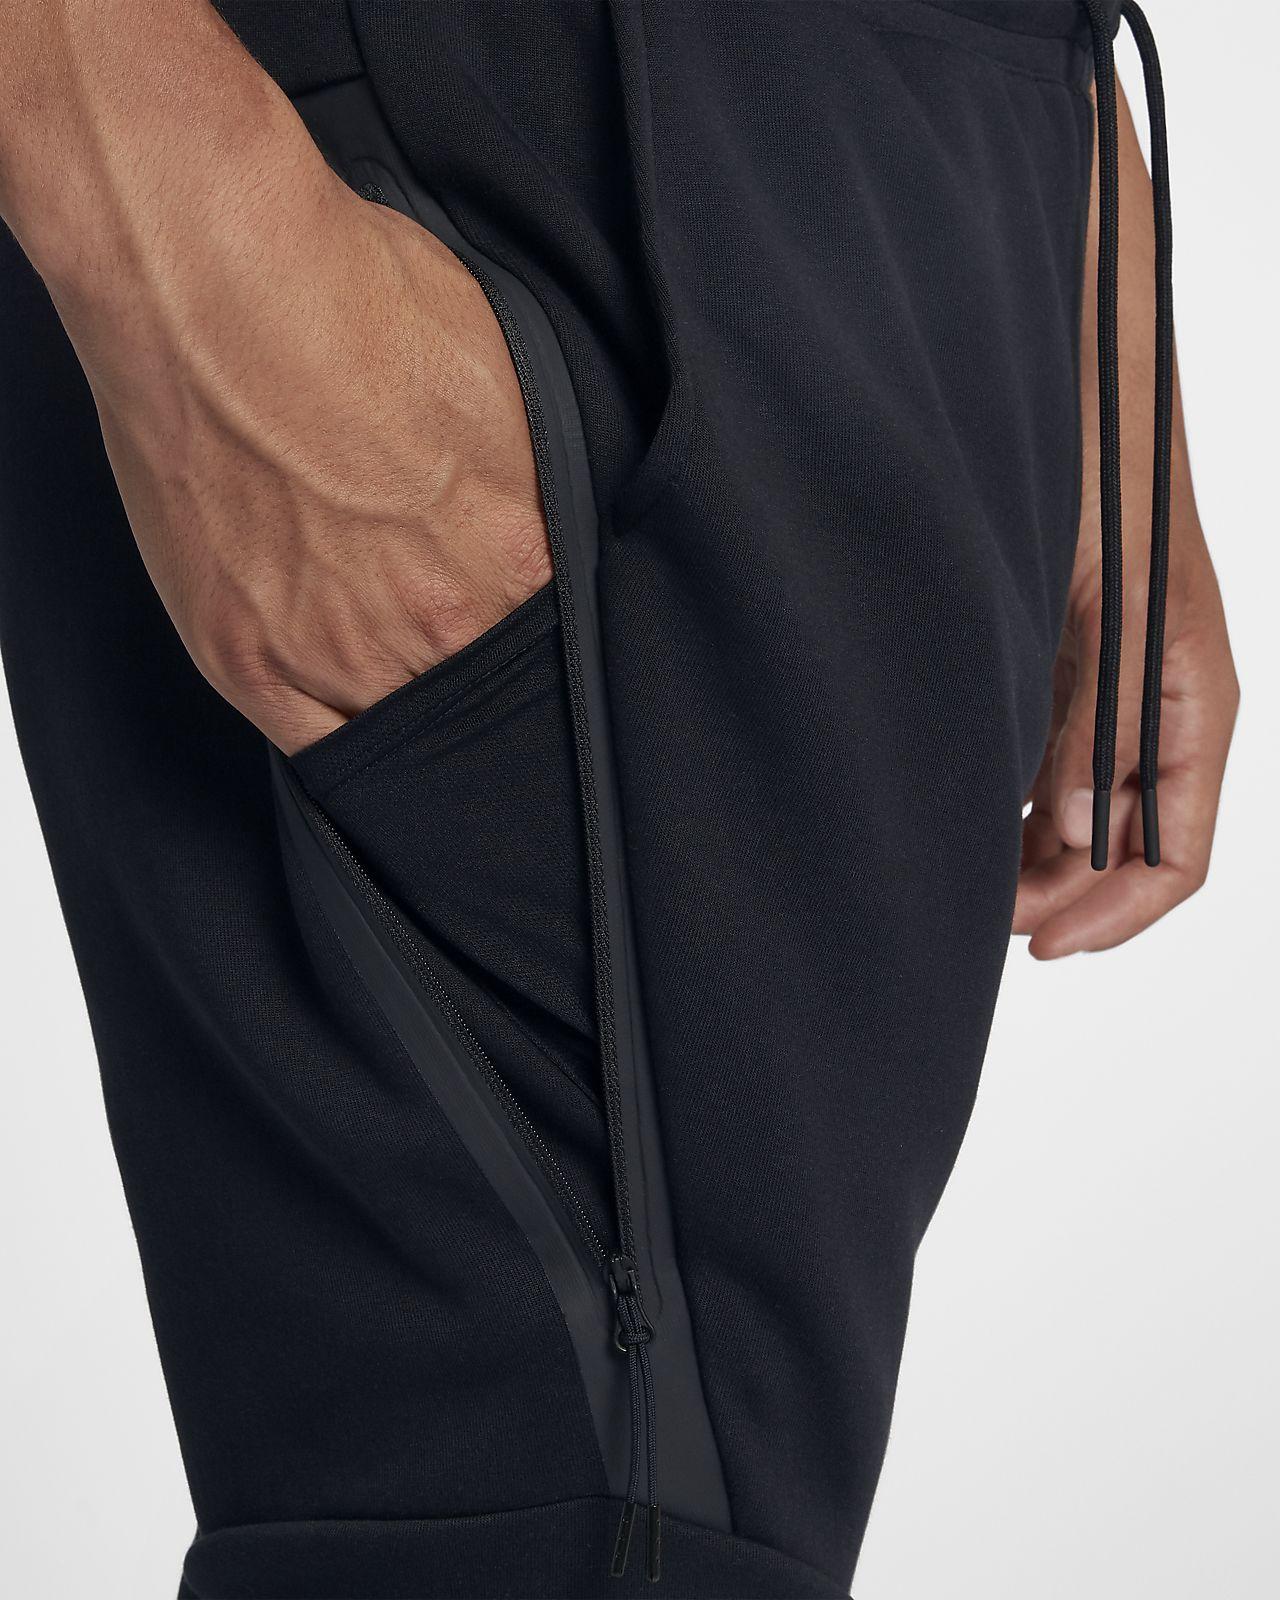 De Pantalon Sportswear Nike Homme Tech Fleece Jogging Pour 54RLA3j